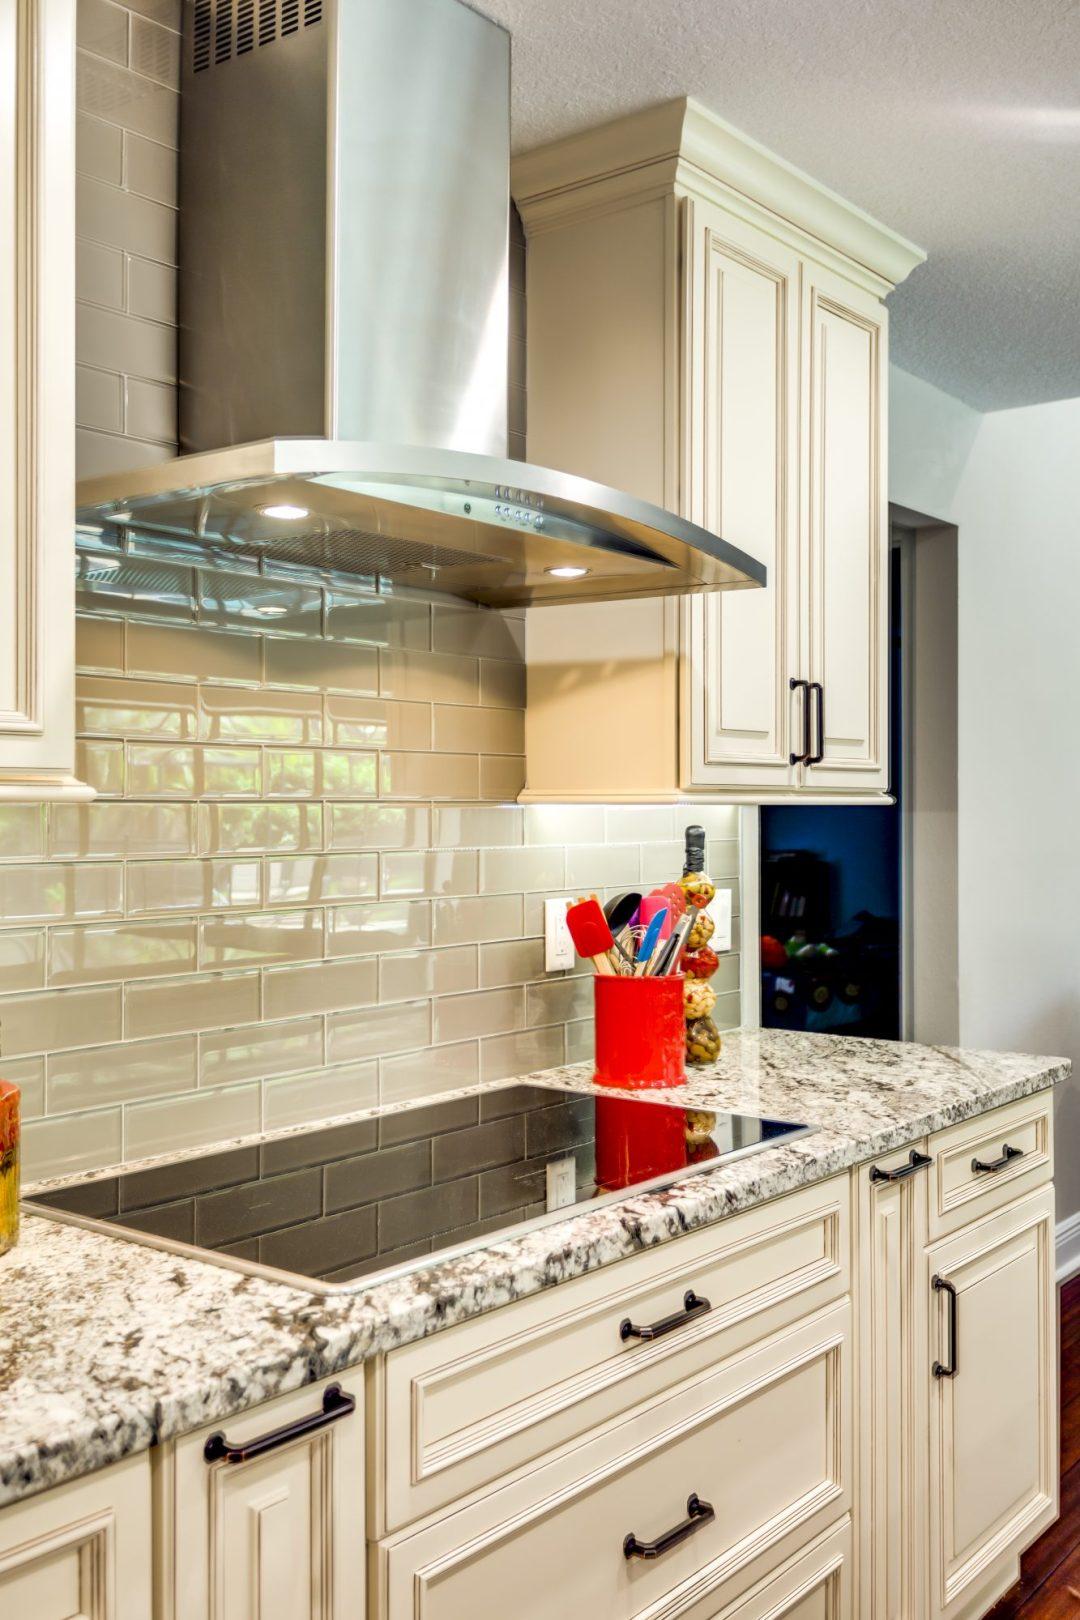 Kitchen Remodel - Weatherstone - Safety Harbor24